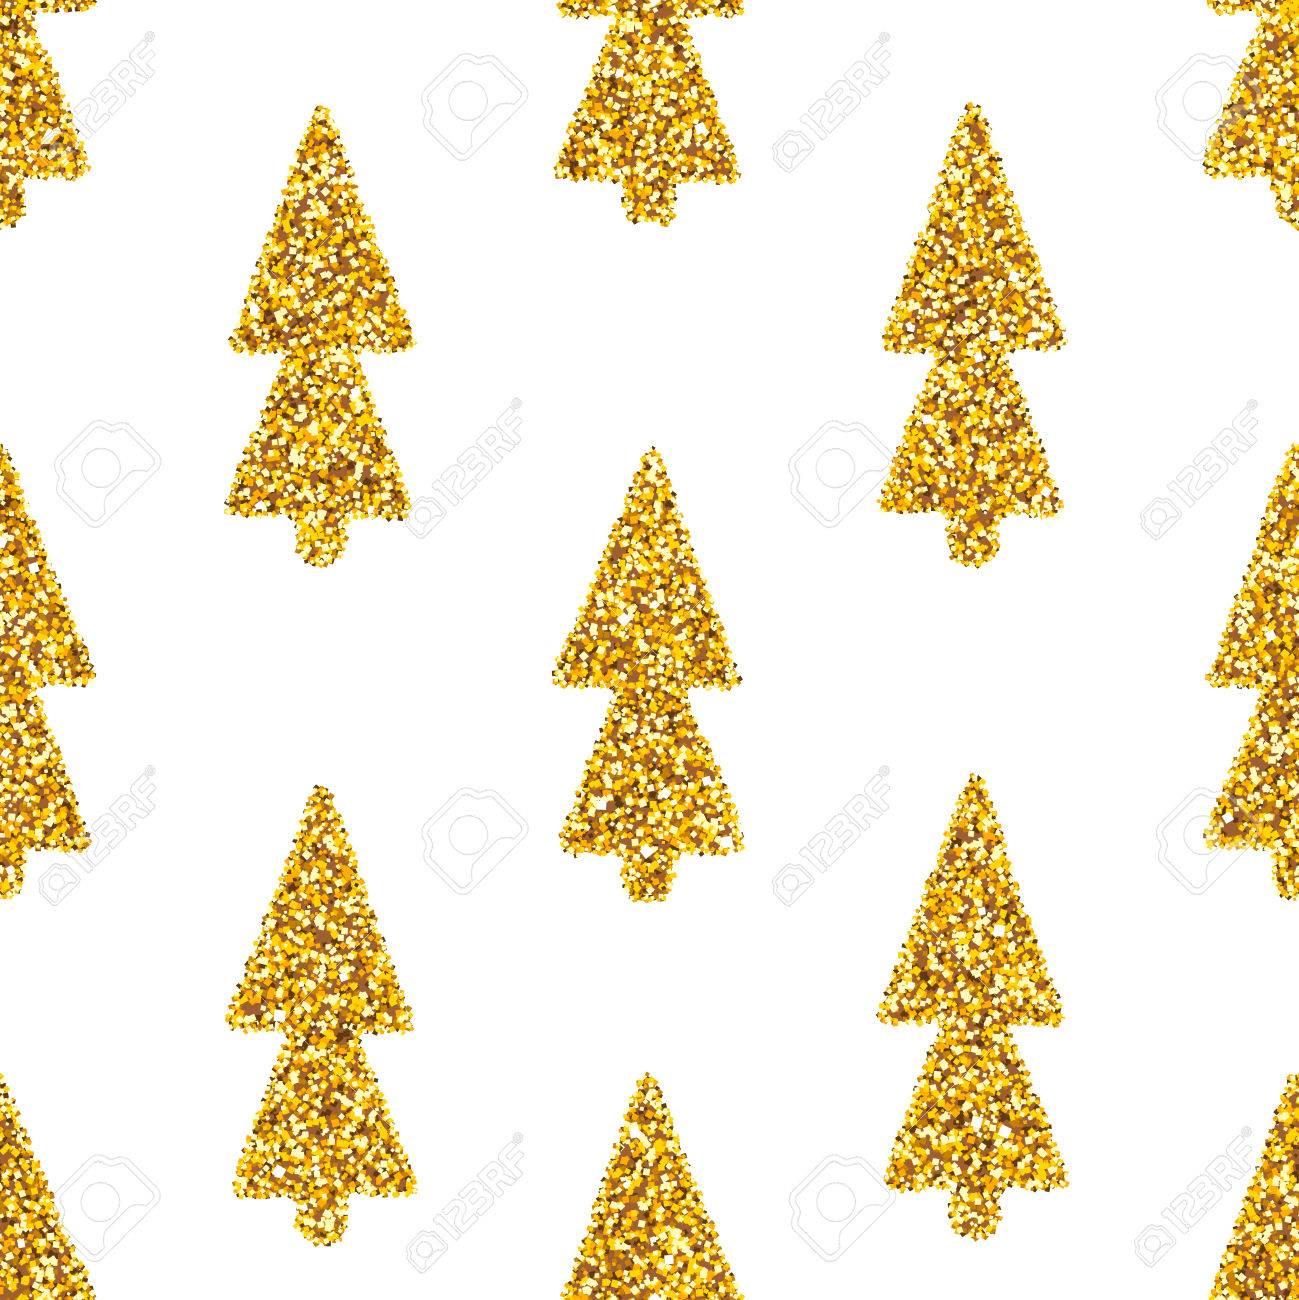 Hermosa Patrones Que Hacen Punto Libres Para árboles De Navidad ...